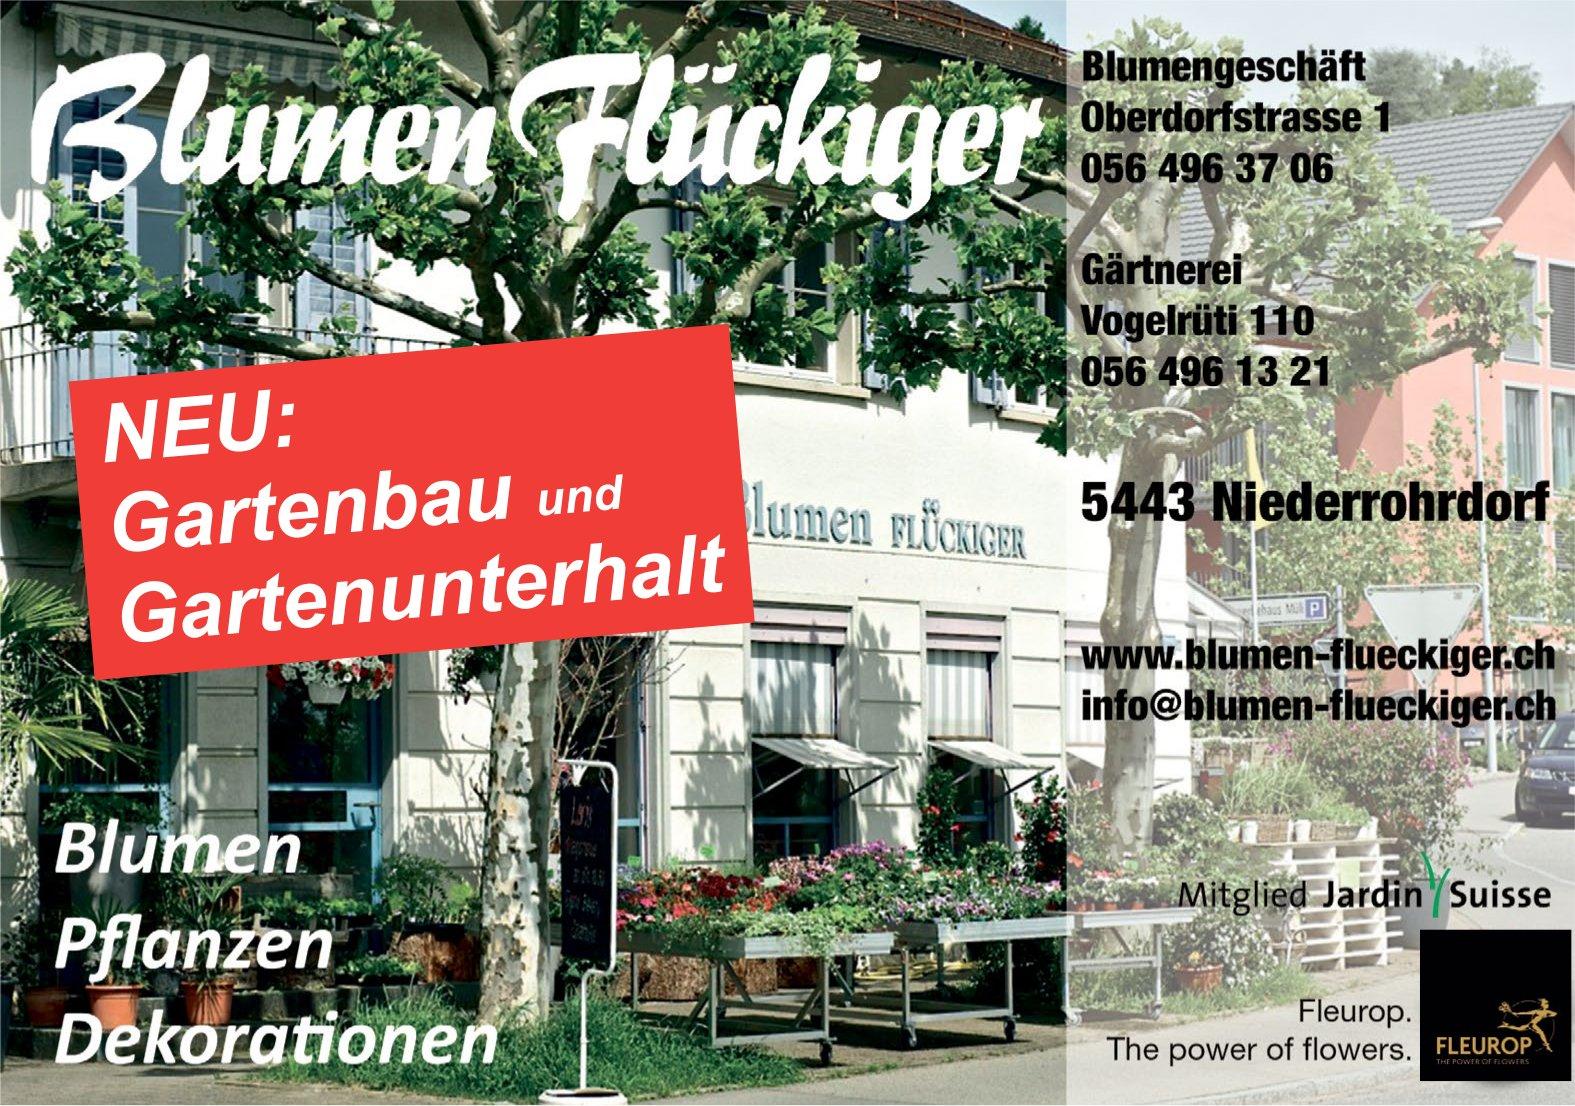 Blumen Flückiger - Blumen, Pflanzen, Dekorationen